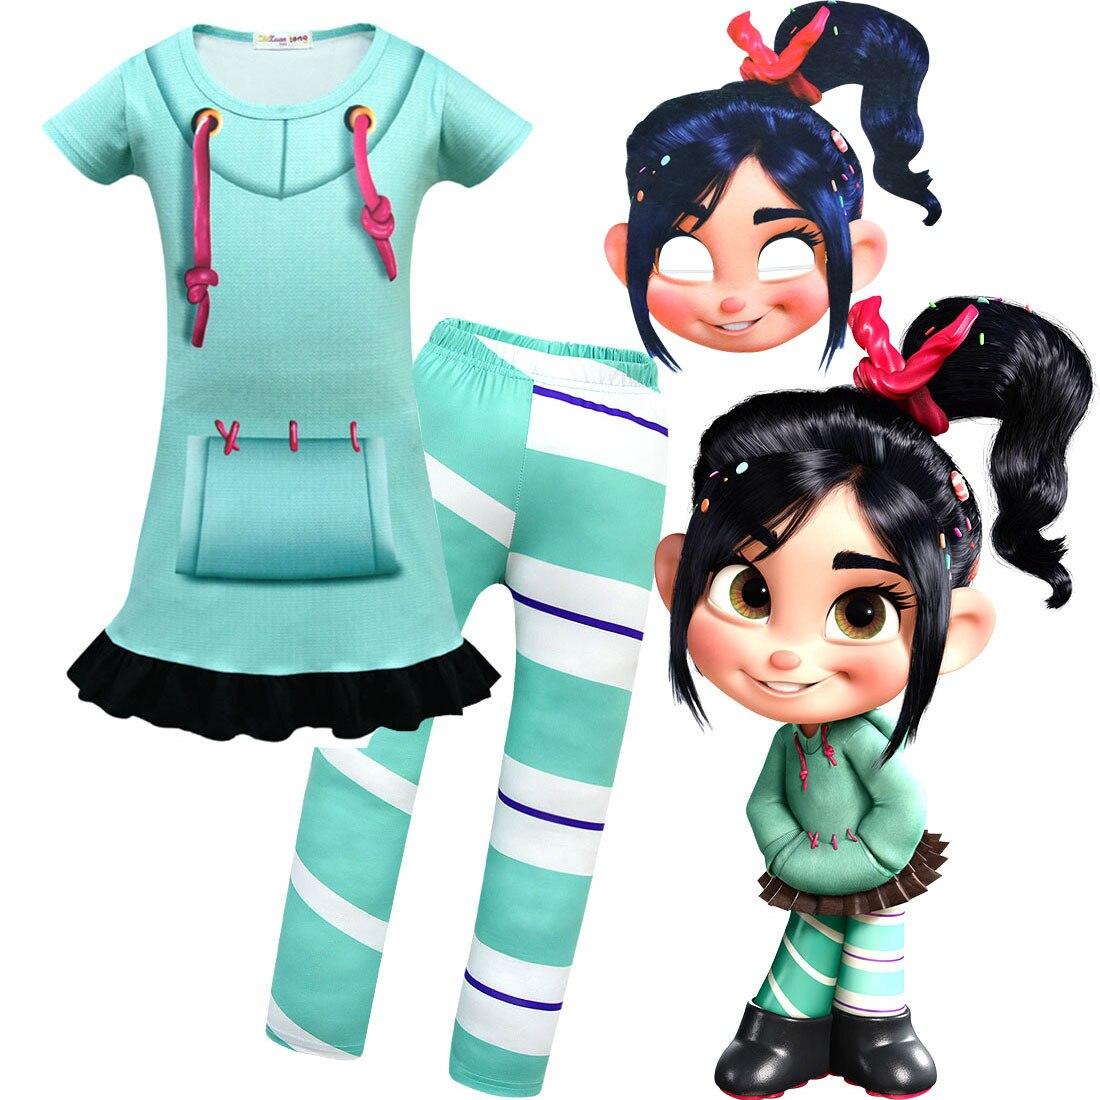 girls-k-it-ralph-2-vestiti-vanellope-von-schwehaier-vocaloid-cosplay-costume-di-halloween-abito-per-bambini-pantaloni-set-abbigliamento-per-ragazza